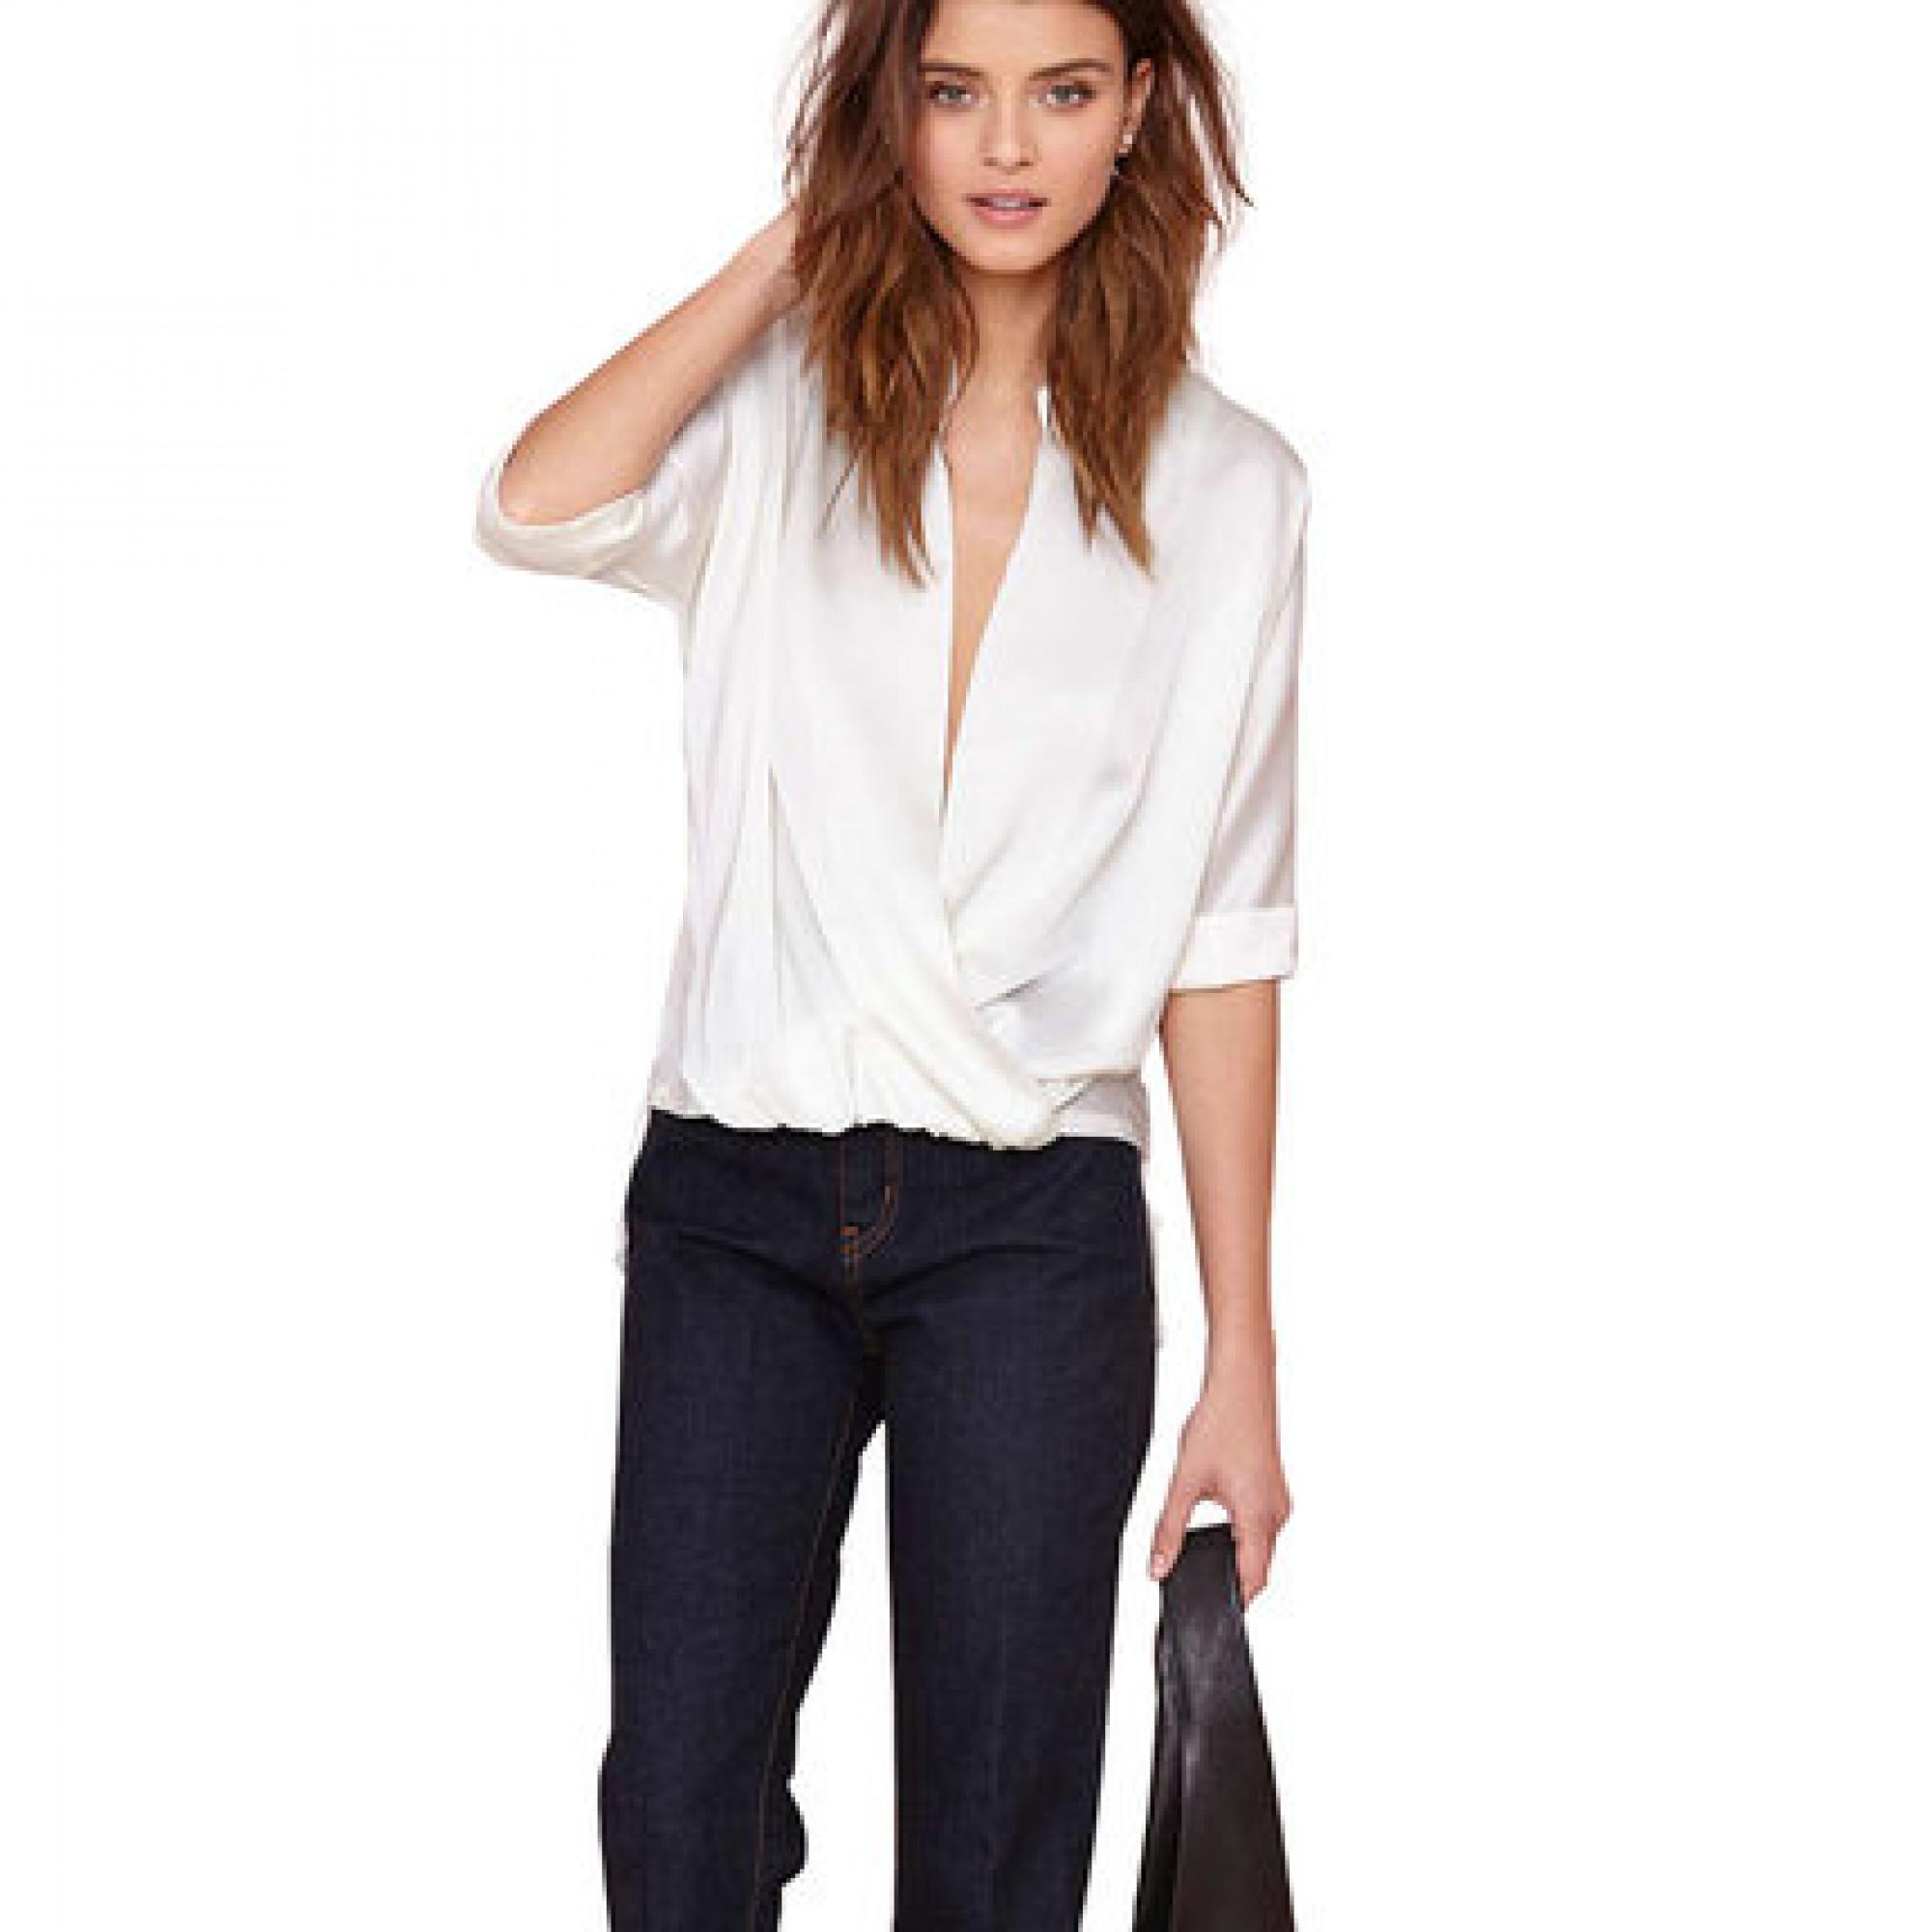 7066c41ec85 Купить блузка с глубоким V-образным декольте — в Киеве